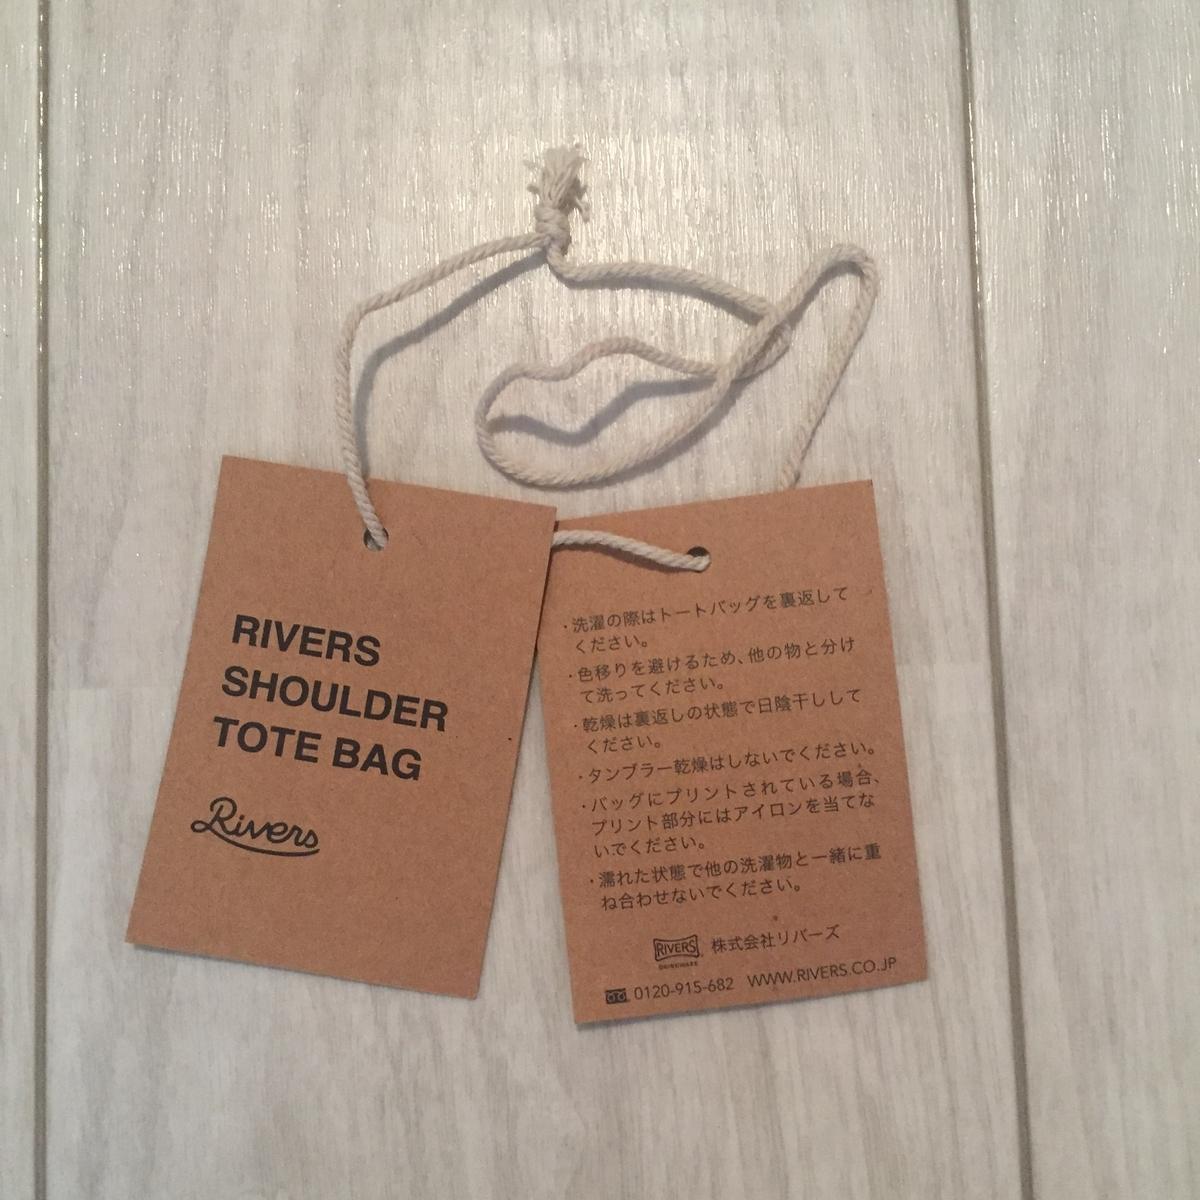 ショルダートートバッグ それがいいベア カバン リュック 買い物 おしゃれ カフェ RIVERS STORE アニメ コーヒー コーヒーギーク